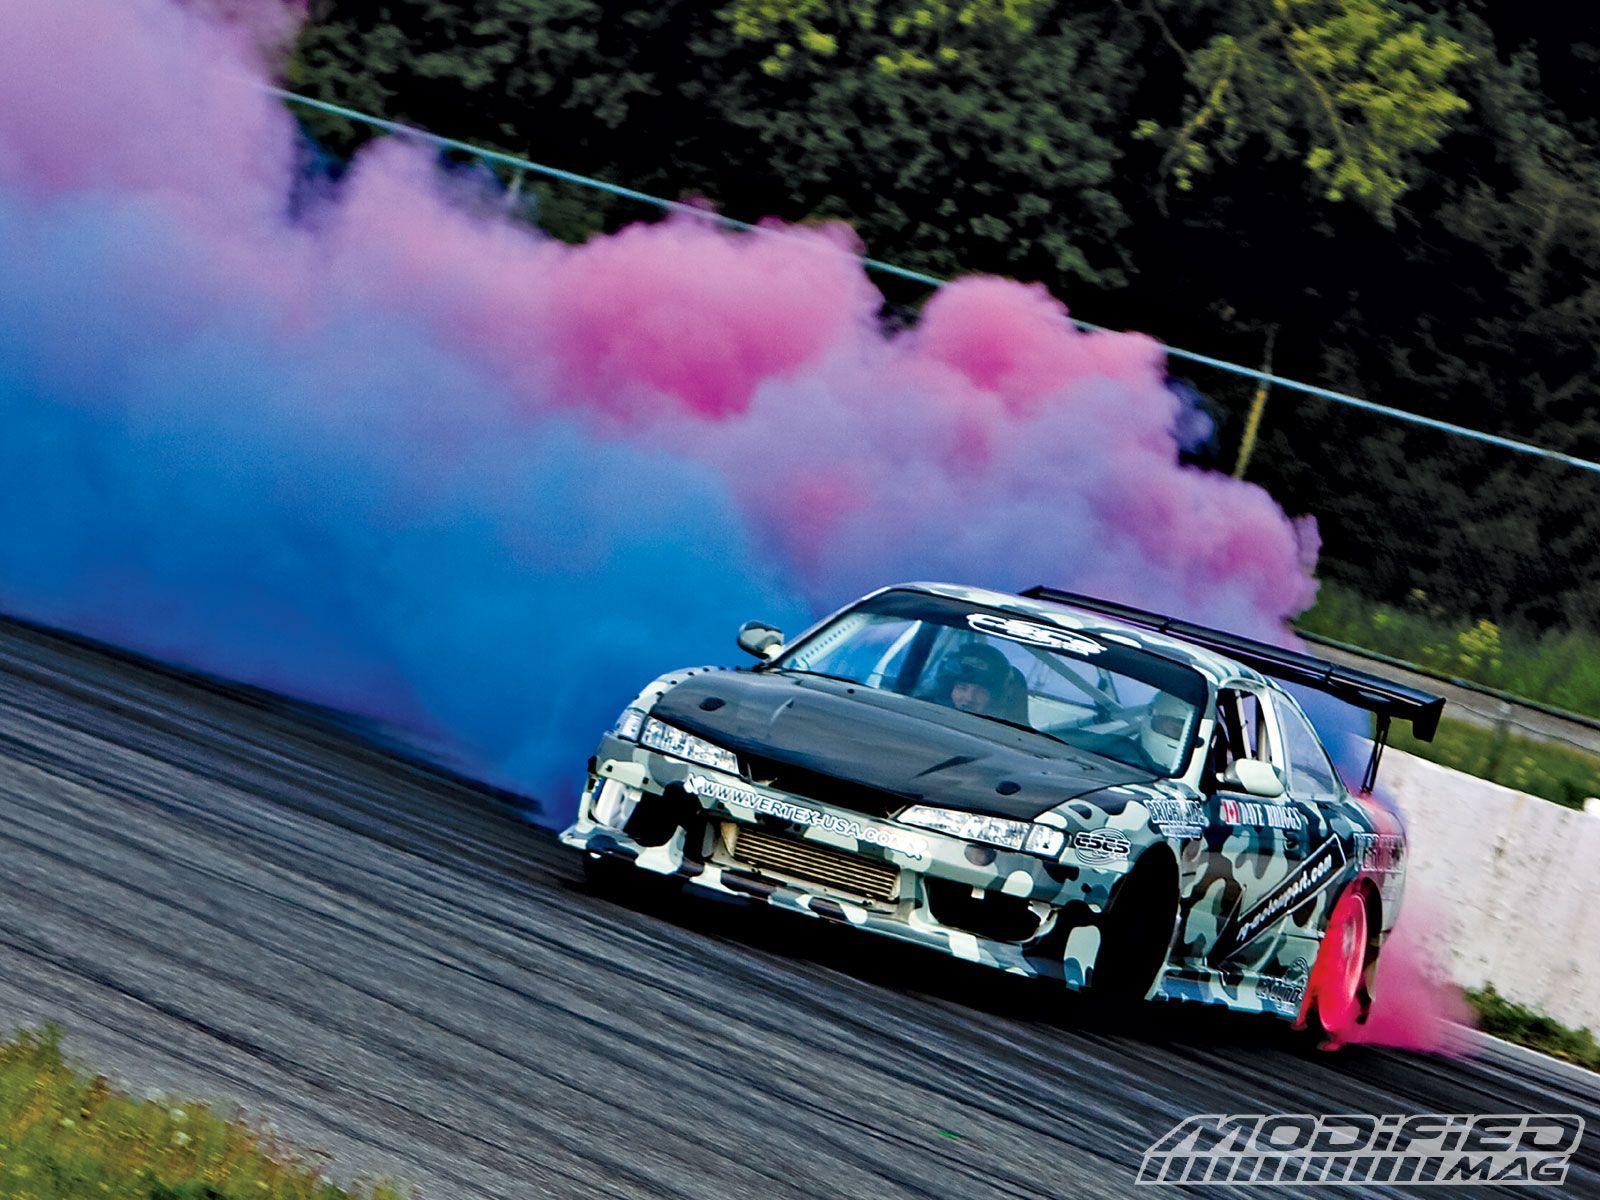 Drifting Car Hd Wallpaper Drift Cars Pinterest